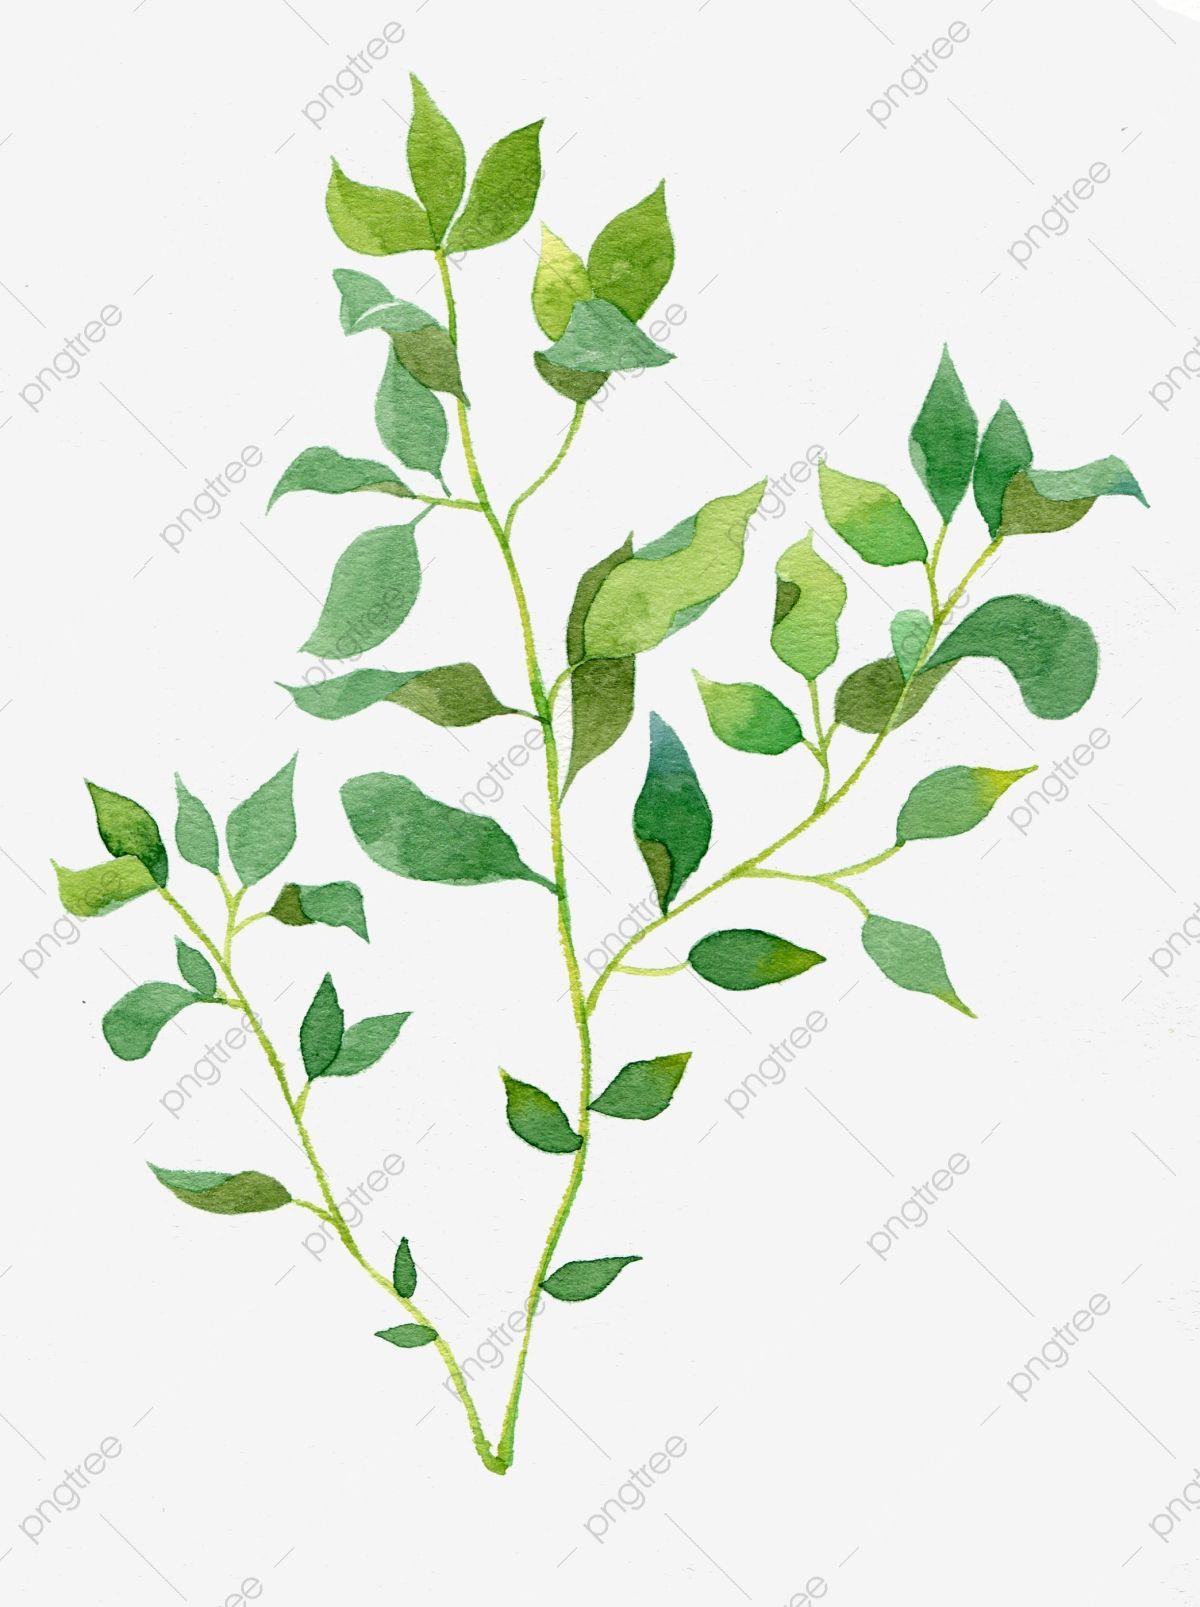 الورقة الخضراء الأزرق يترك الماءيه يترك الماءيه مصنع ورقة الشجر المرسومة فرع شجرة نباتات مرسومة باليد Png وملف Psd للتحميل مجانا Watercolor Plants Watercolor Leaves Watercolor Trees